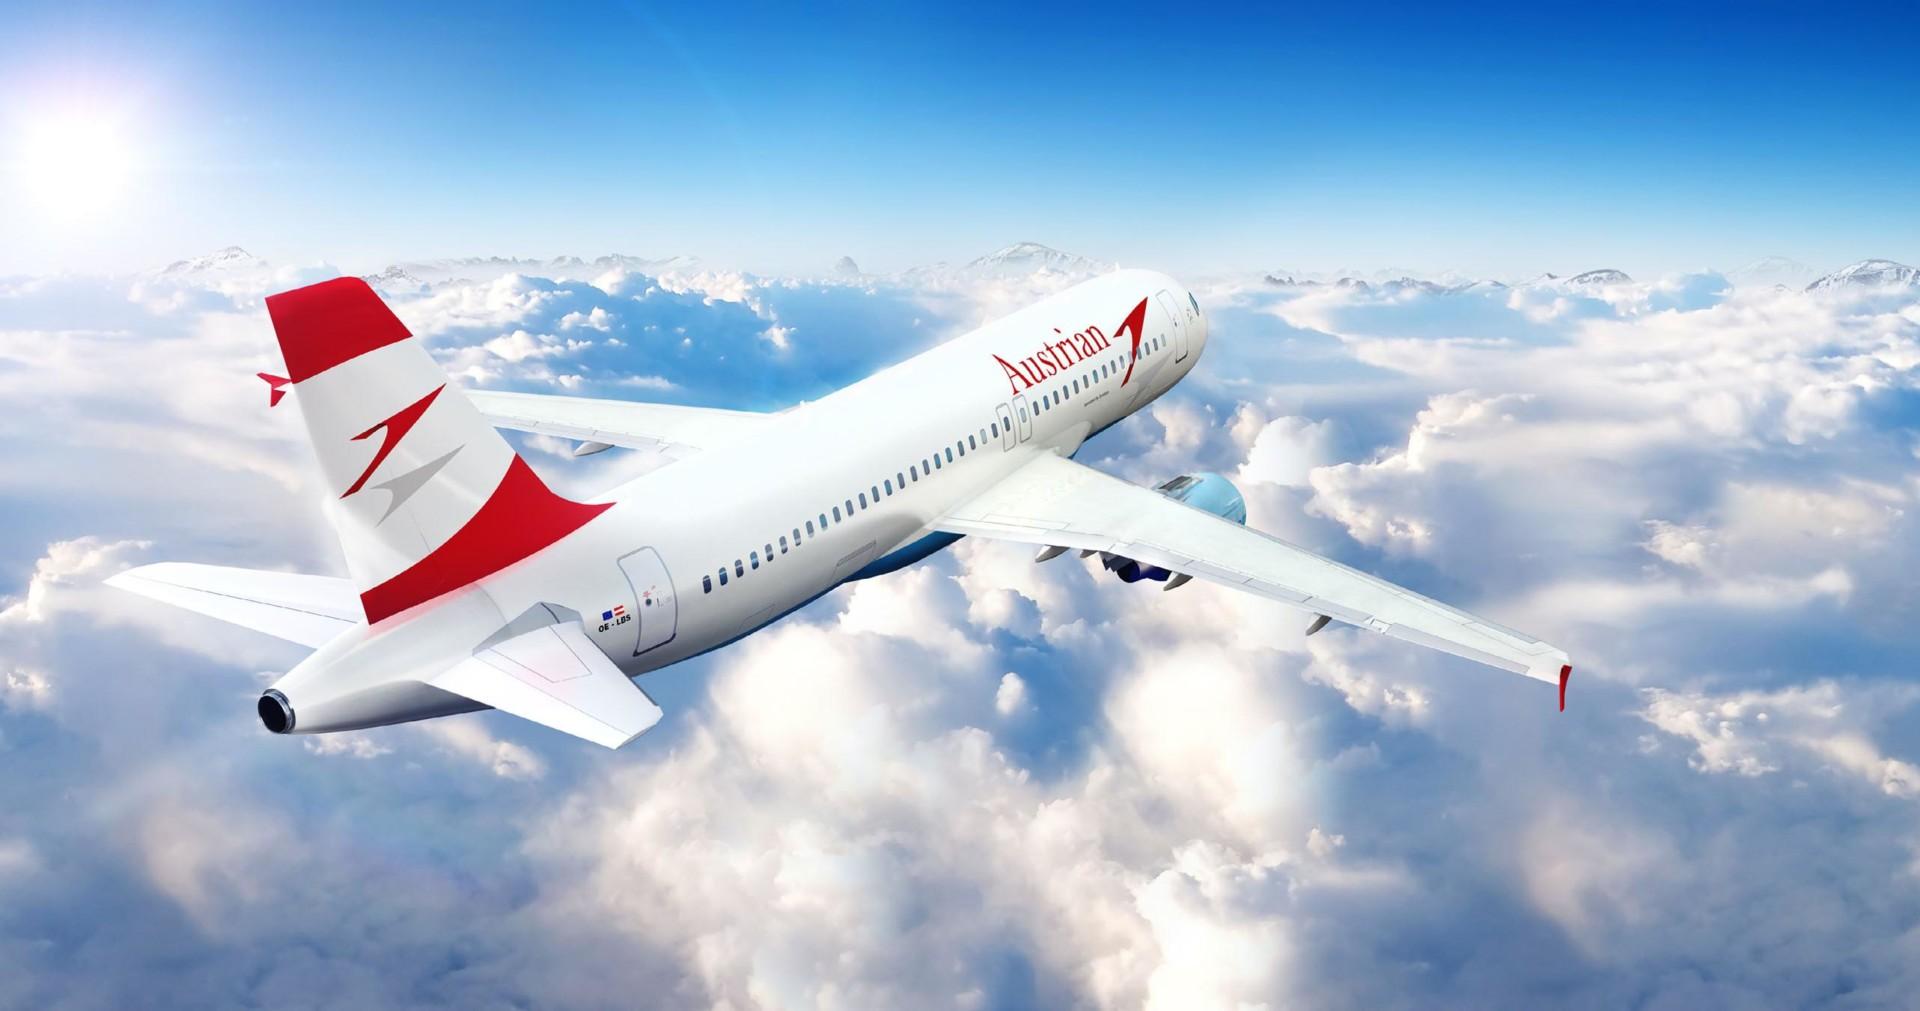 Austrian Airline в зимнем сезоне 2017-2018 запустила рейсы в Инсбрук